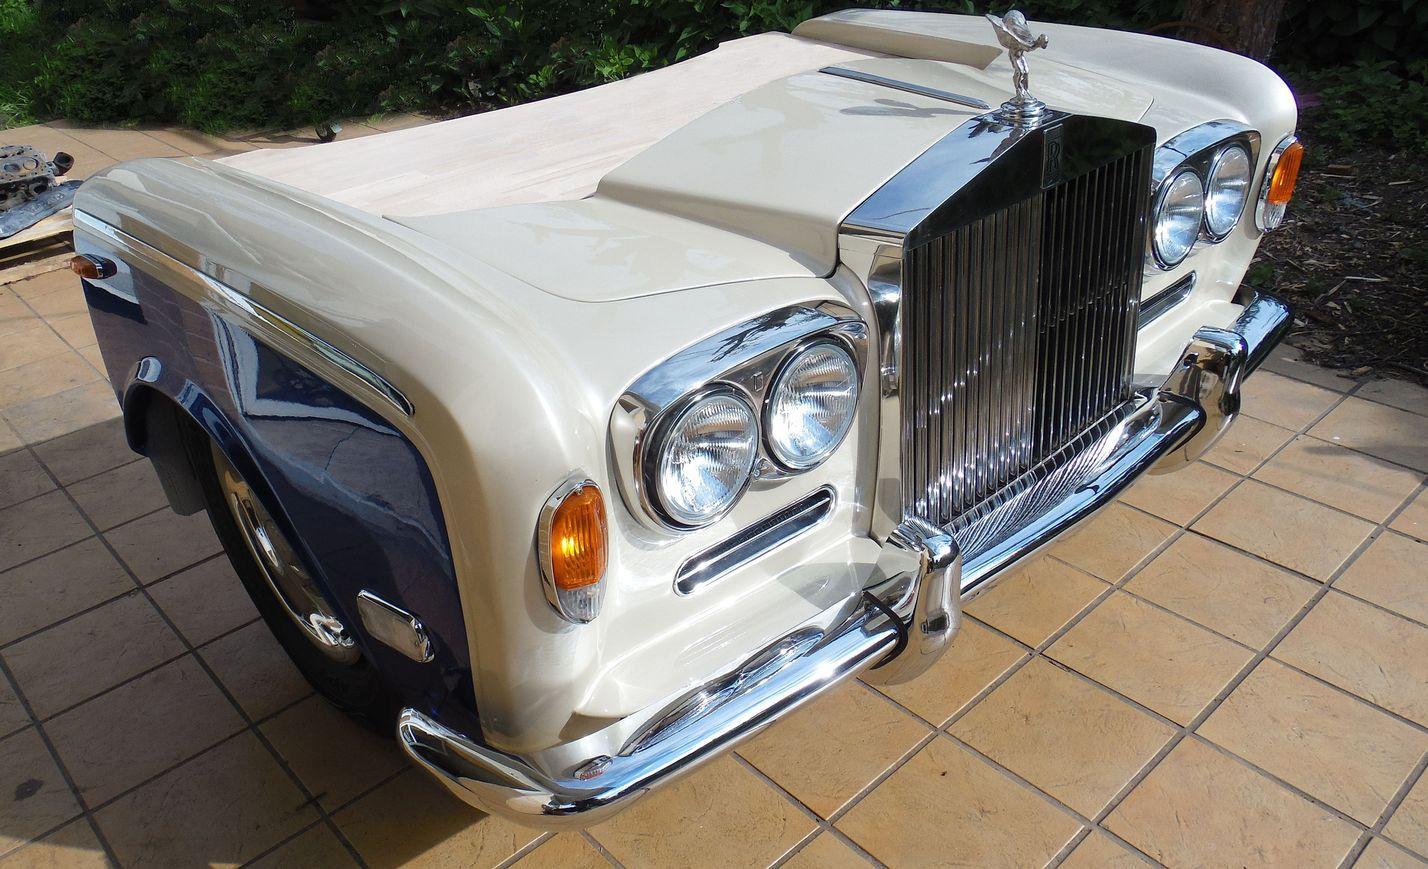 Automöbel rollsroyce rollsroycedesk rollsroycesilvershadow silvershadow